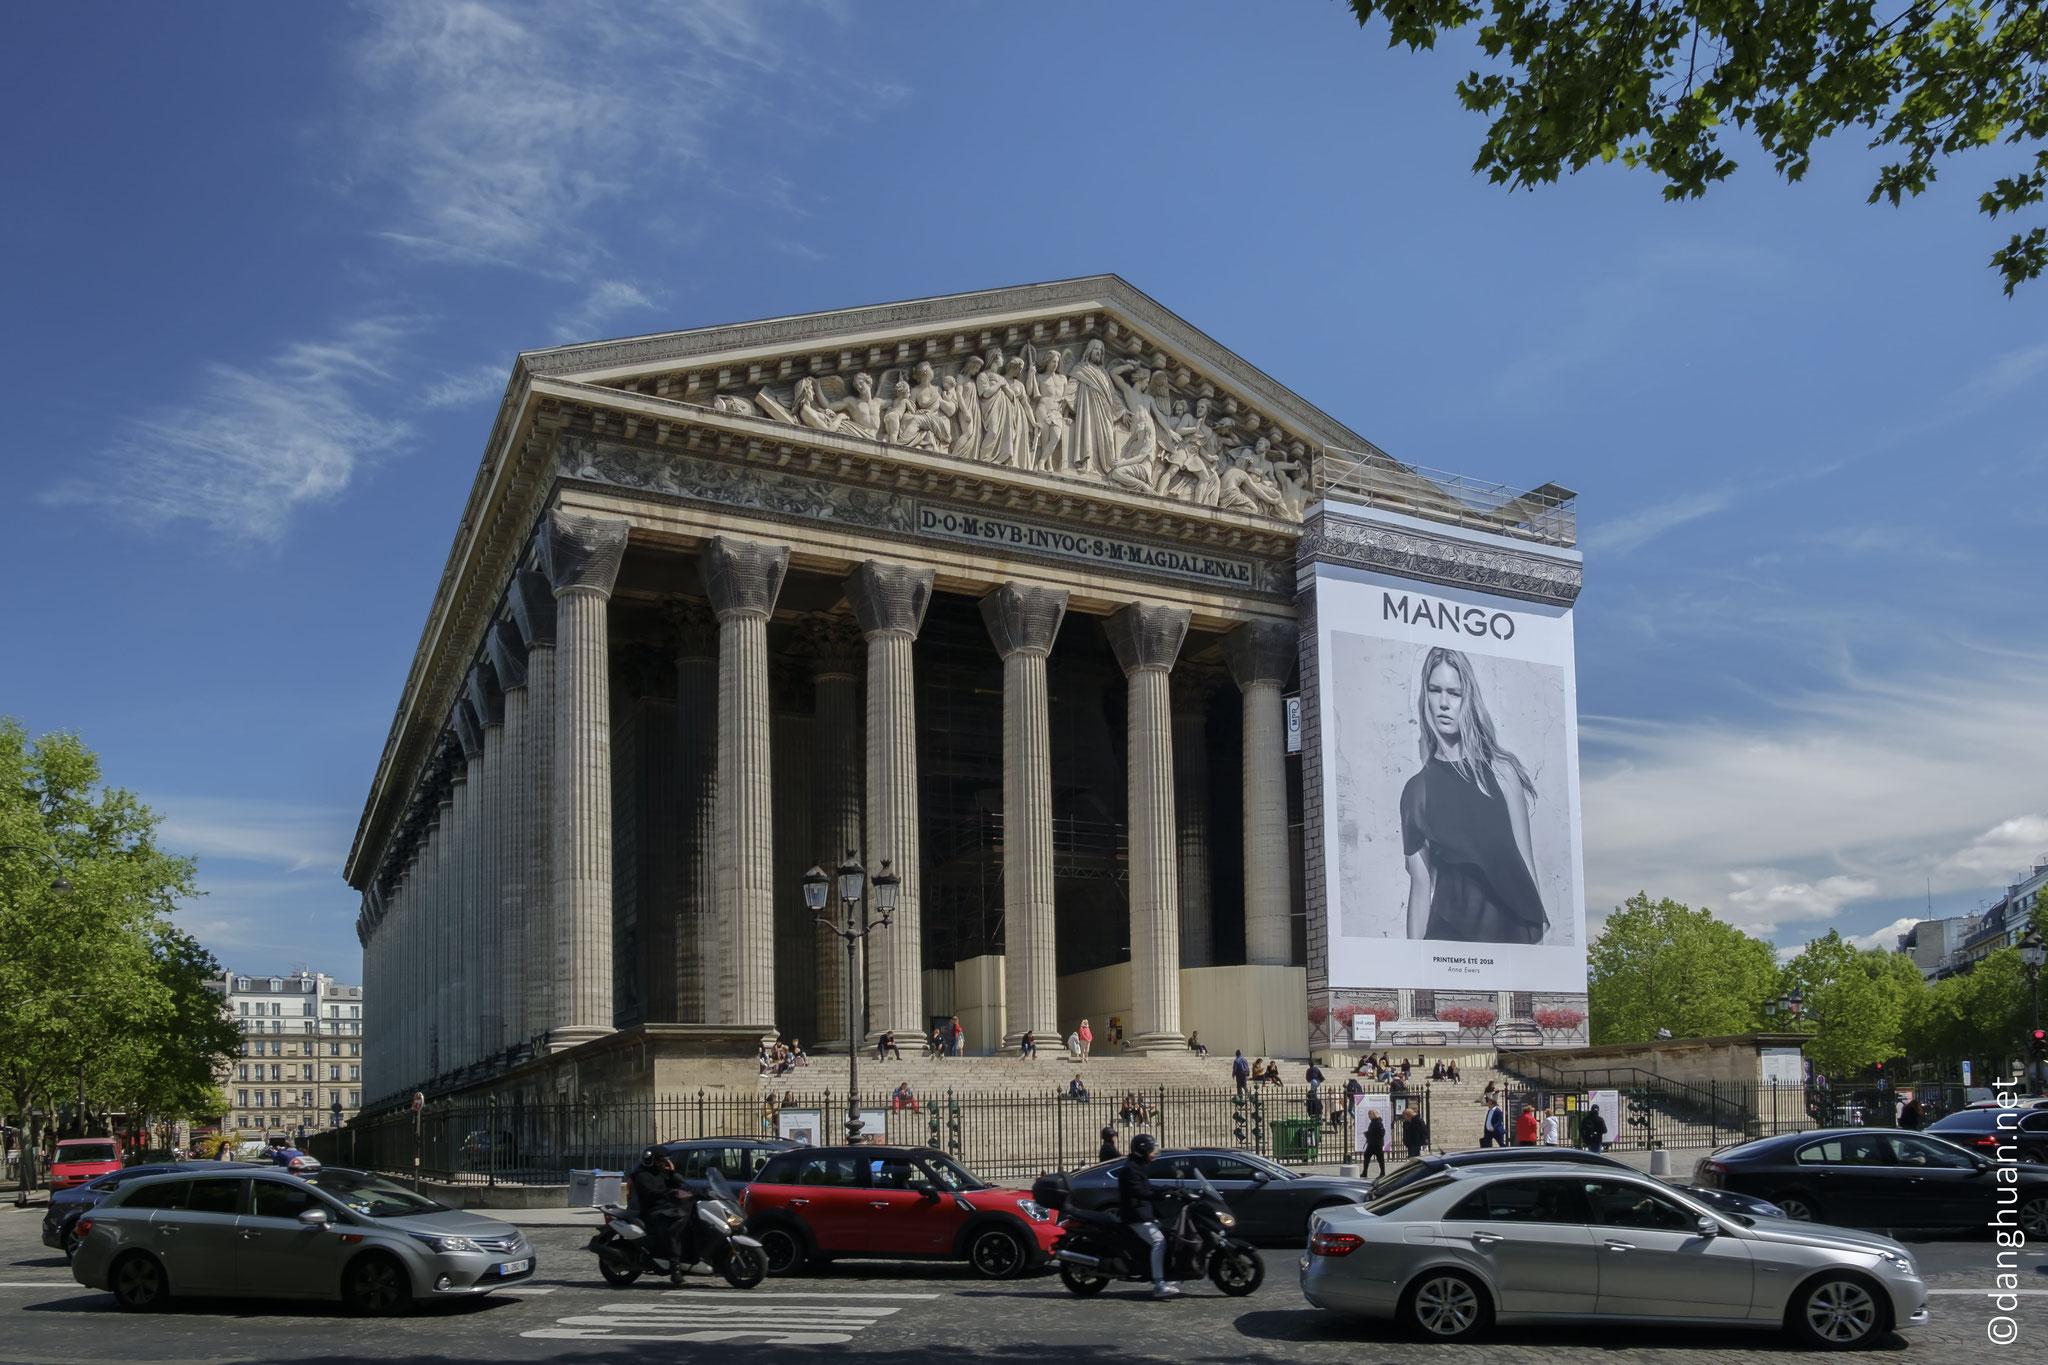 Eglise de la Madeleine  - située dans le 8ème arrondissement de Paris, 108 m de longueur, 43 m de largeur, 30 m de hauteur